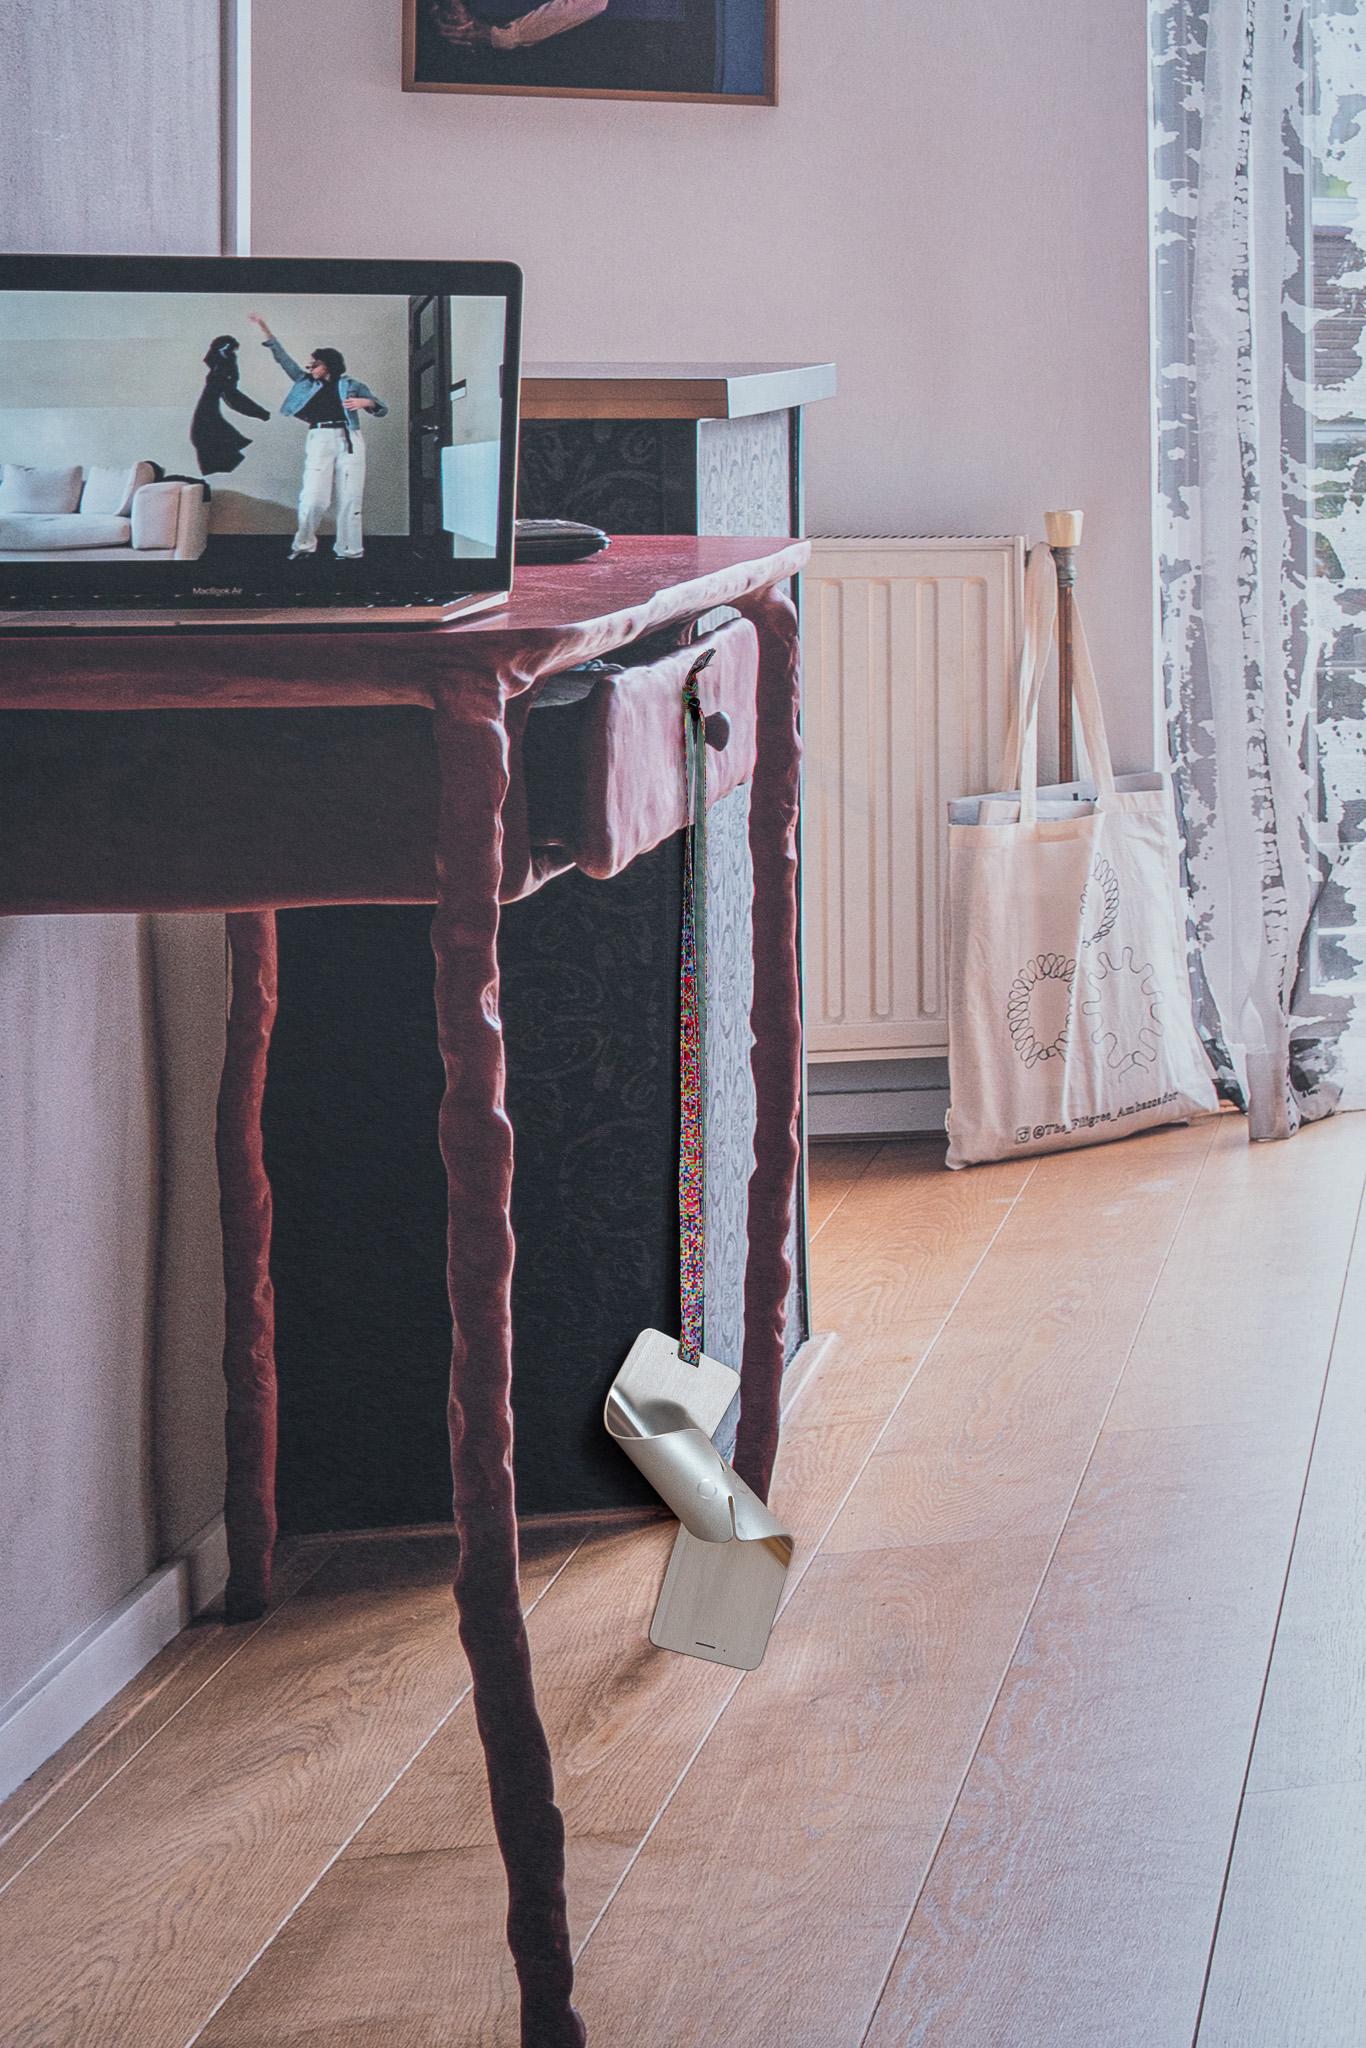 Examententoonstelling Challenging Jewellery, Het HEM, Zaandam, 2020. Wallscape met reconstructie van een privéwoning met werk van Morgane De Klerk. Foto Ayako Nishibori